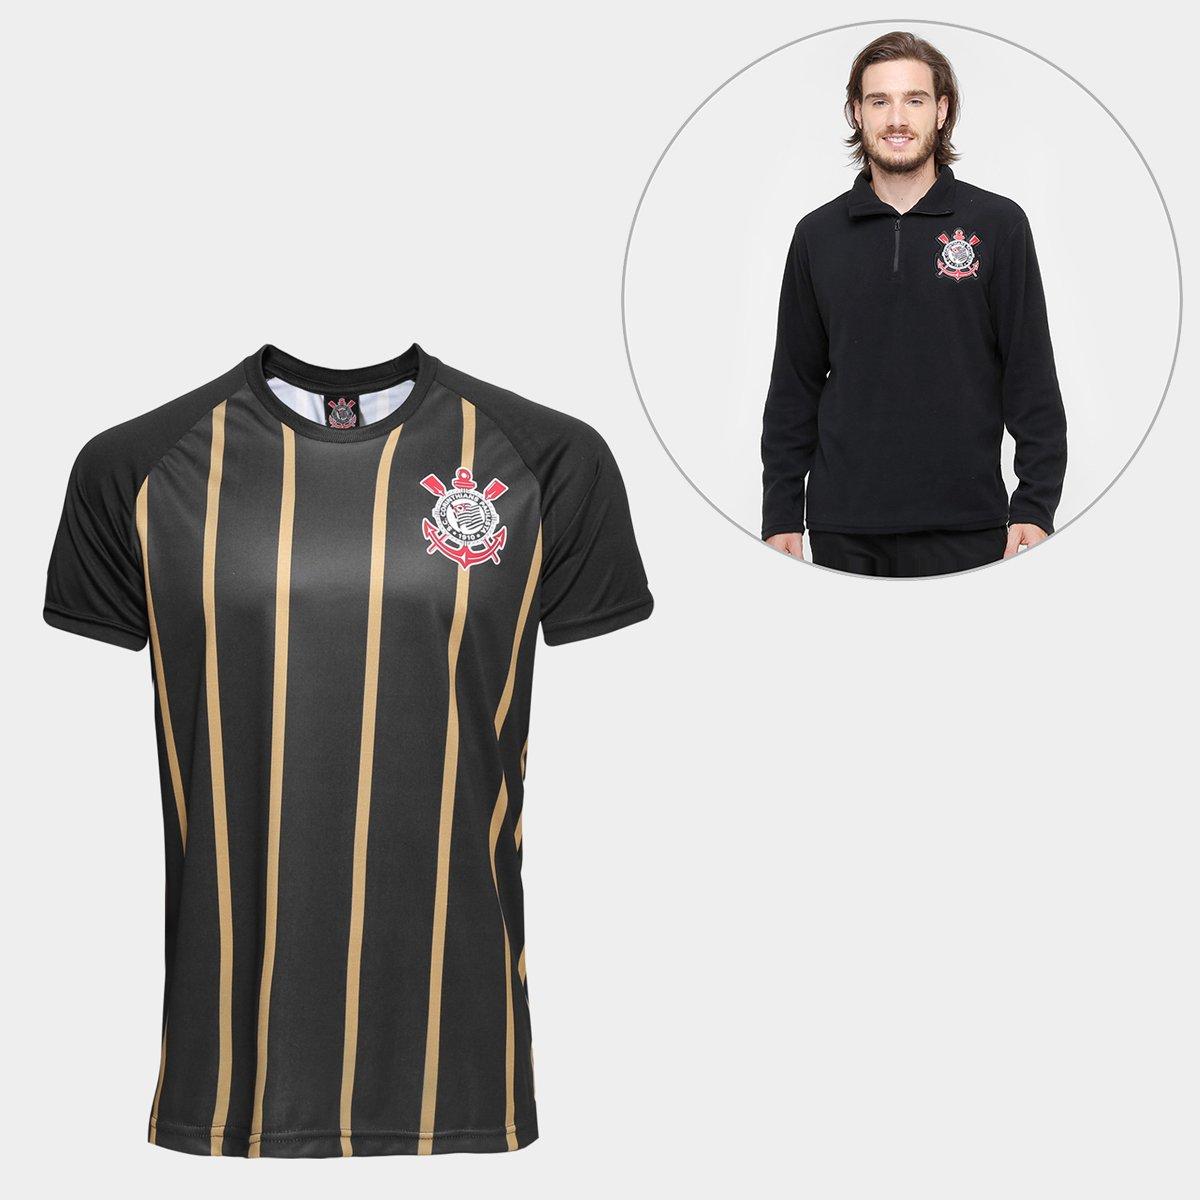 f849854886 455b29b60fe215  Kit Camisa Corinthians Gold nº10 - Edição Limitada + Blusão  Corinthians Polar Fleece Masculino - Preto ...